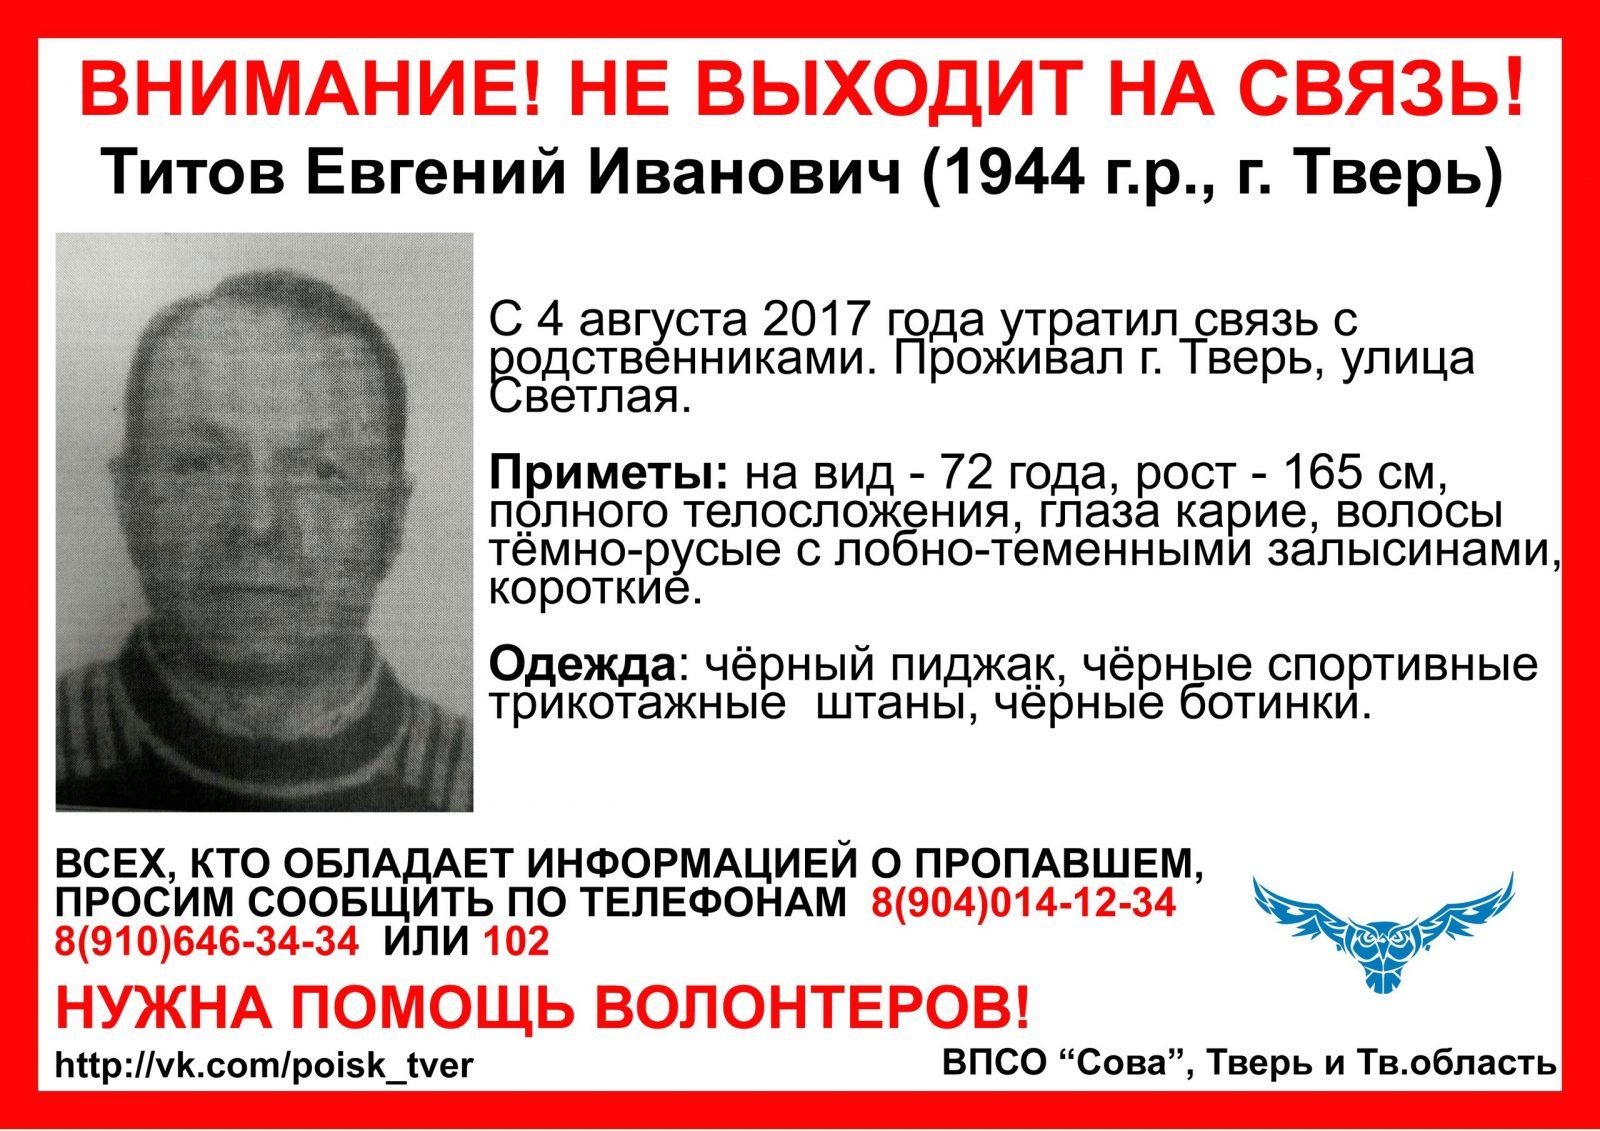 Пропал Титов Евгений Иванович (1944 г.р.)